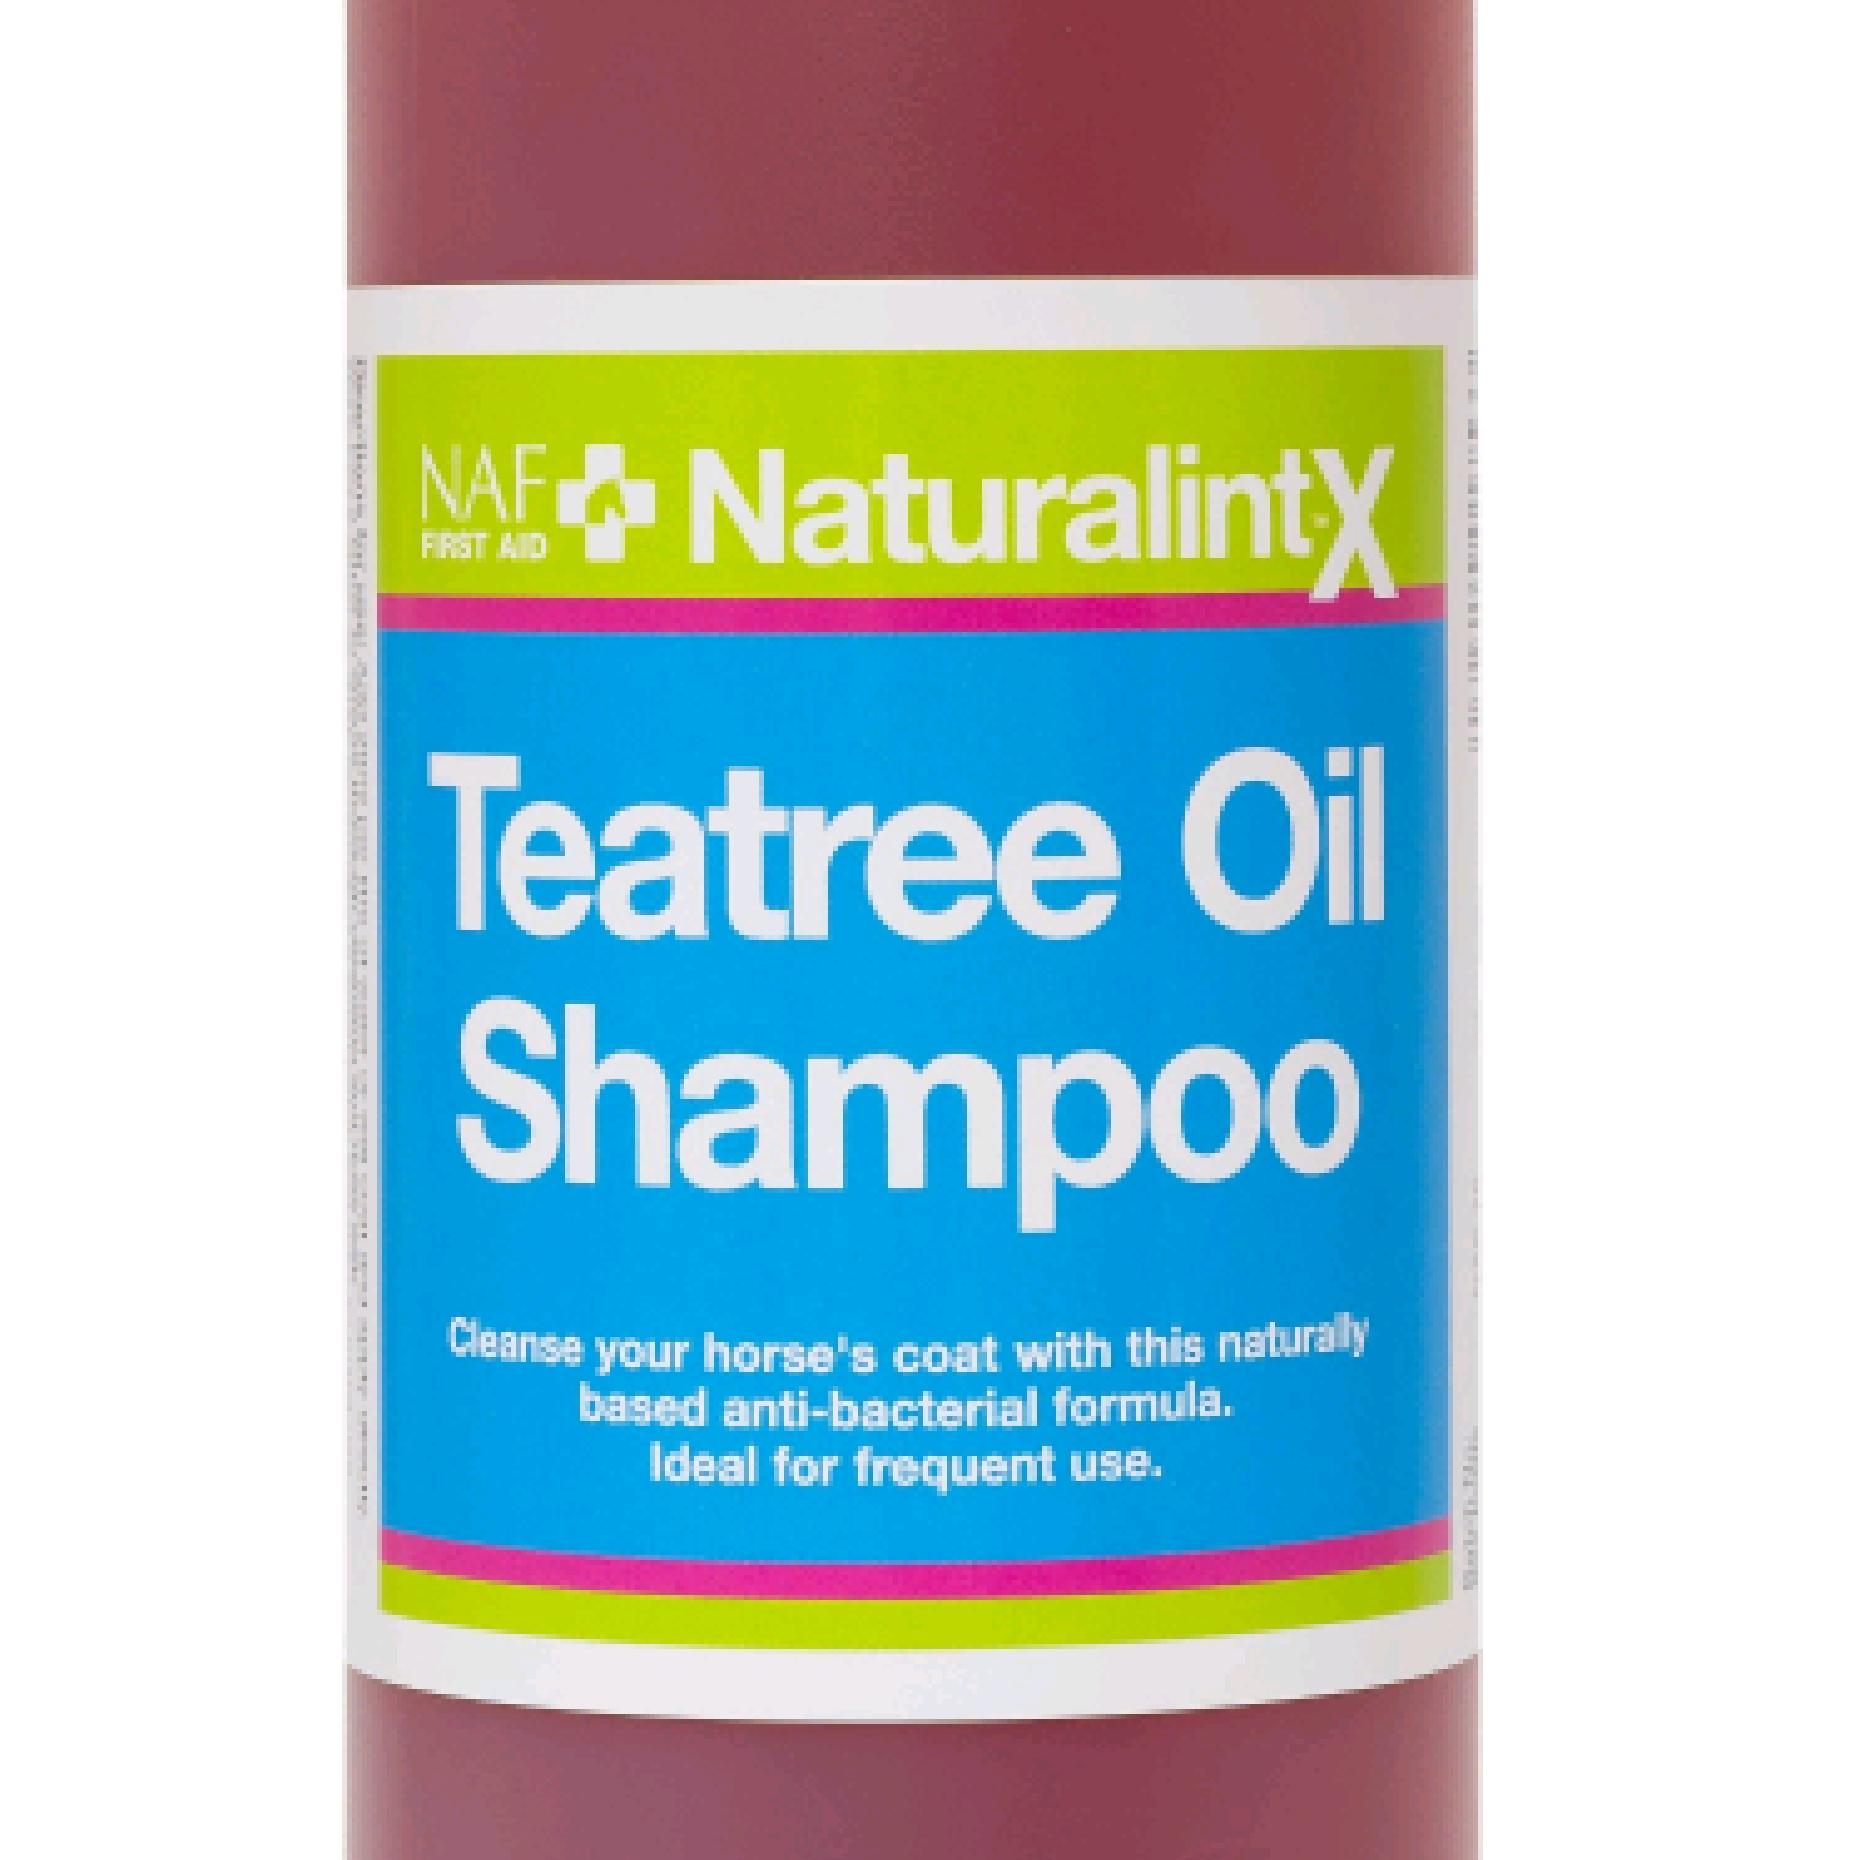 NAF Teatree Oil Shampoo 1L